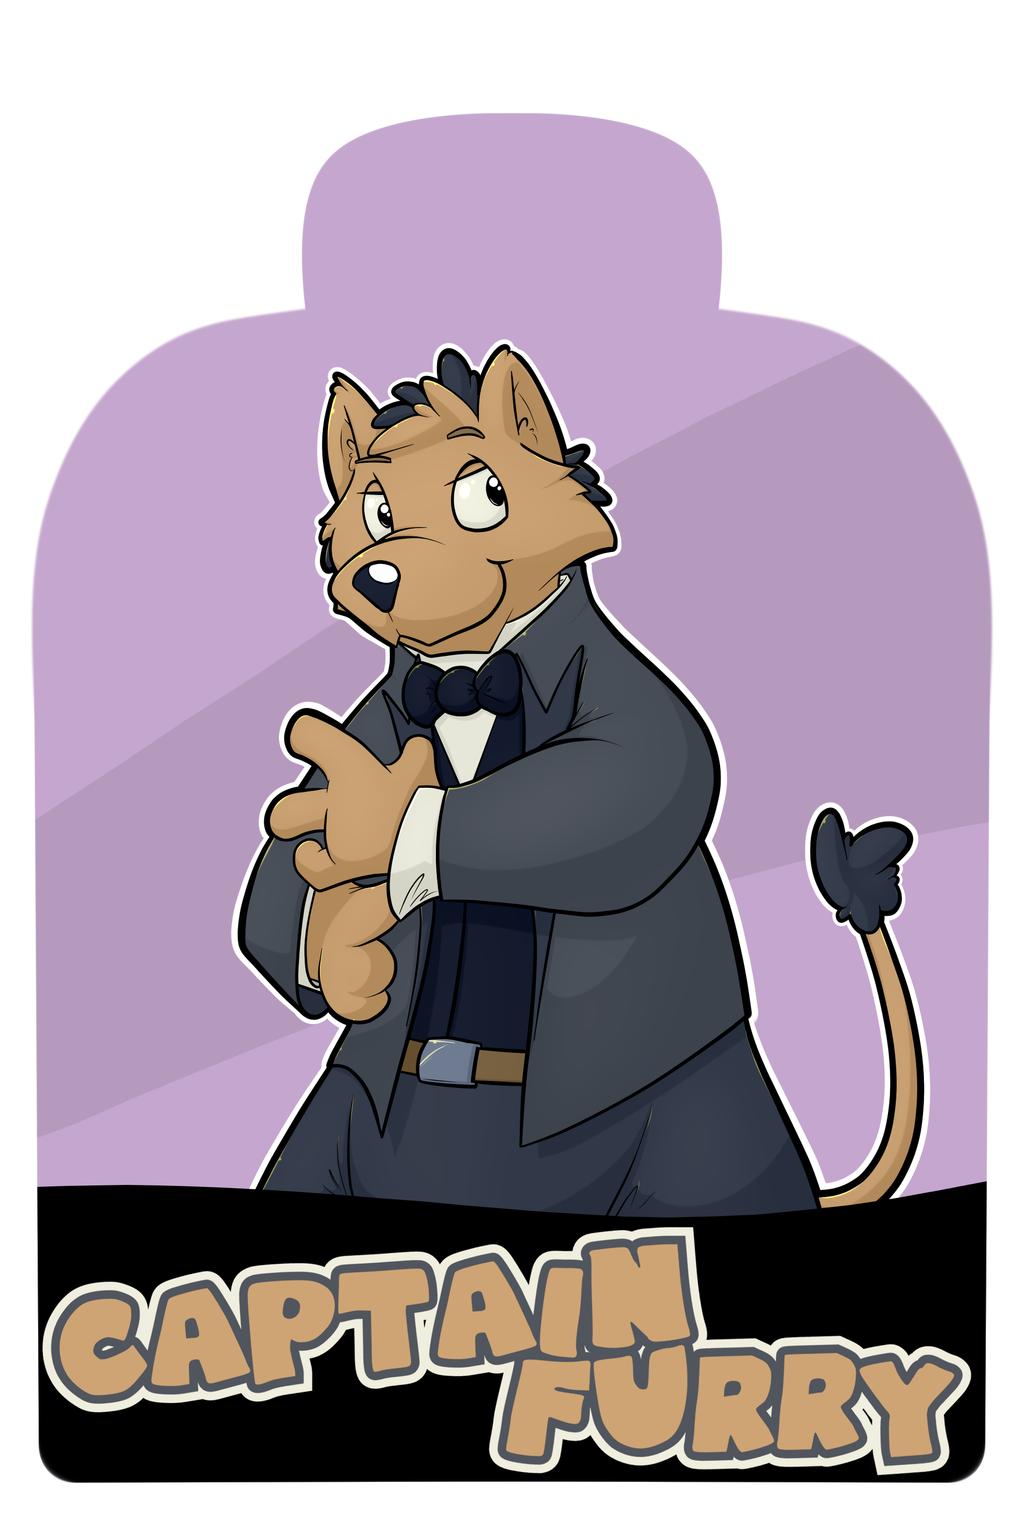 Midwest Furfest 2017 Badges - Captain Furry